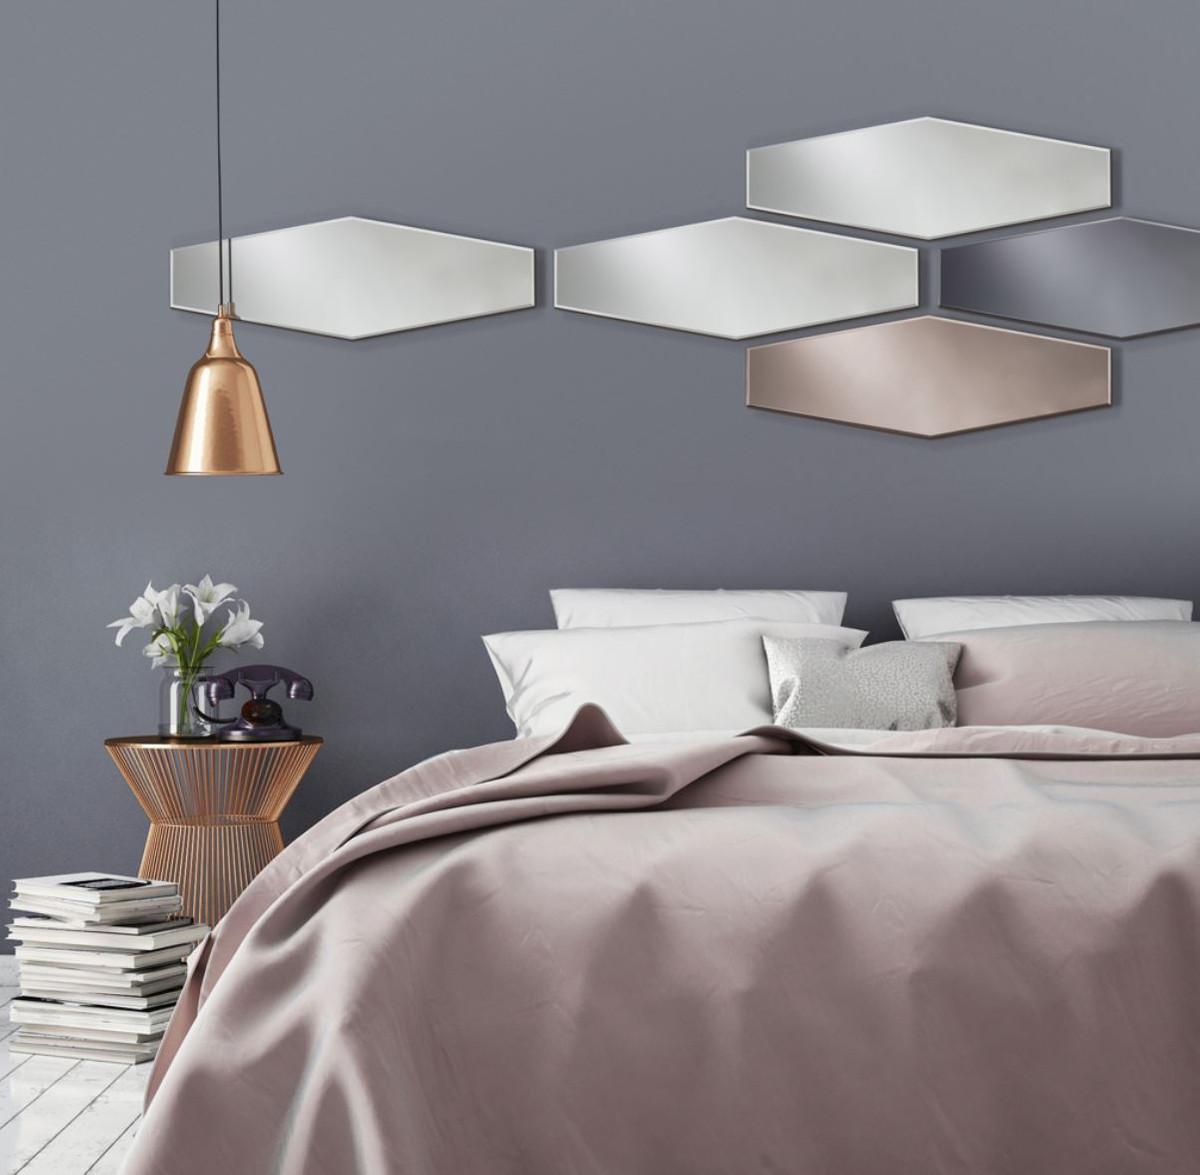 casa padrino designer spiegel 27 x h 80 cm designer kollektion spiegel luxus spiegel luxus. Black Bedroom Furniture Sets. Home Design Ideas